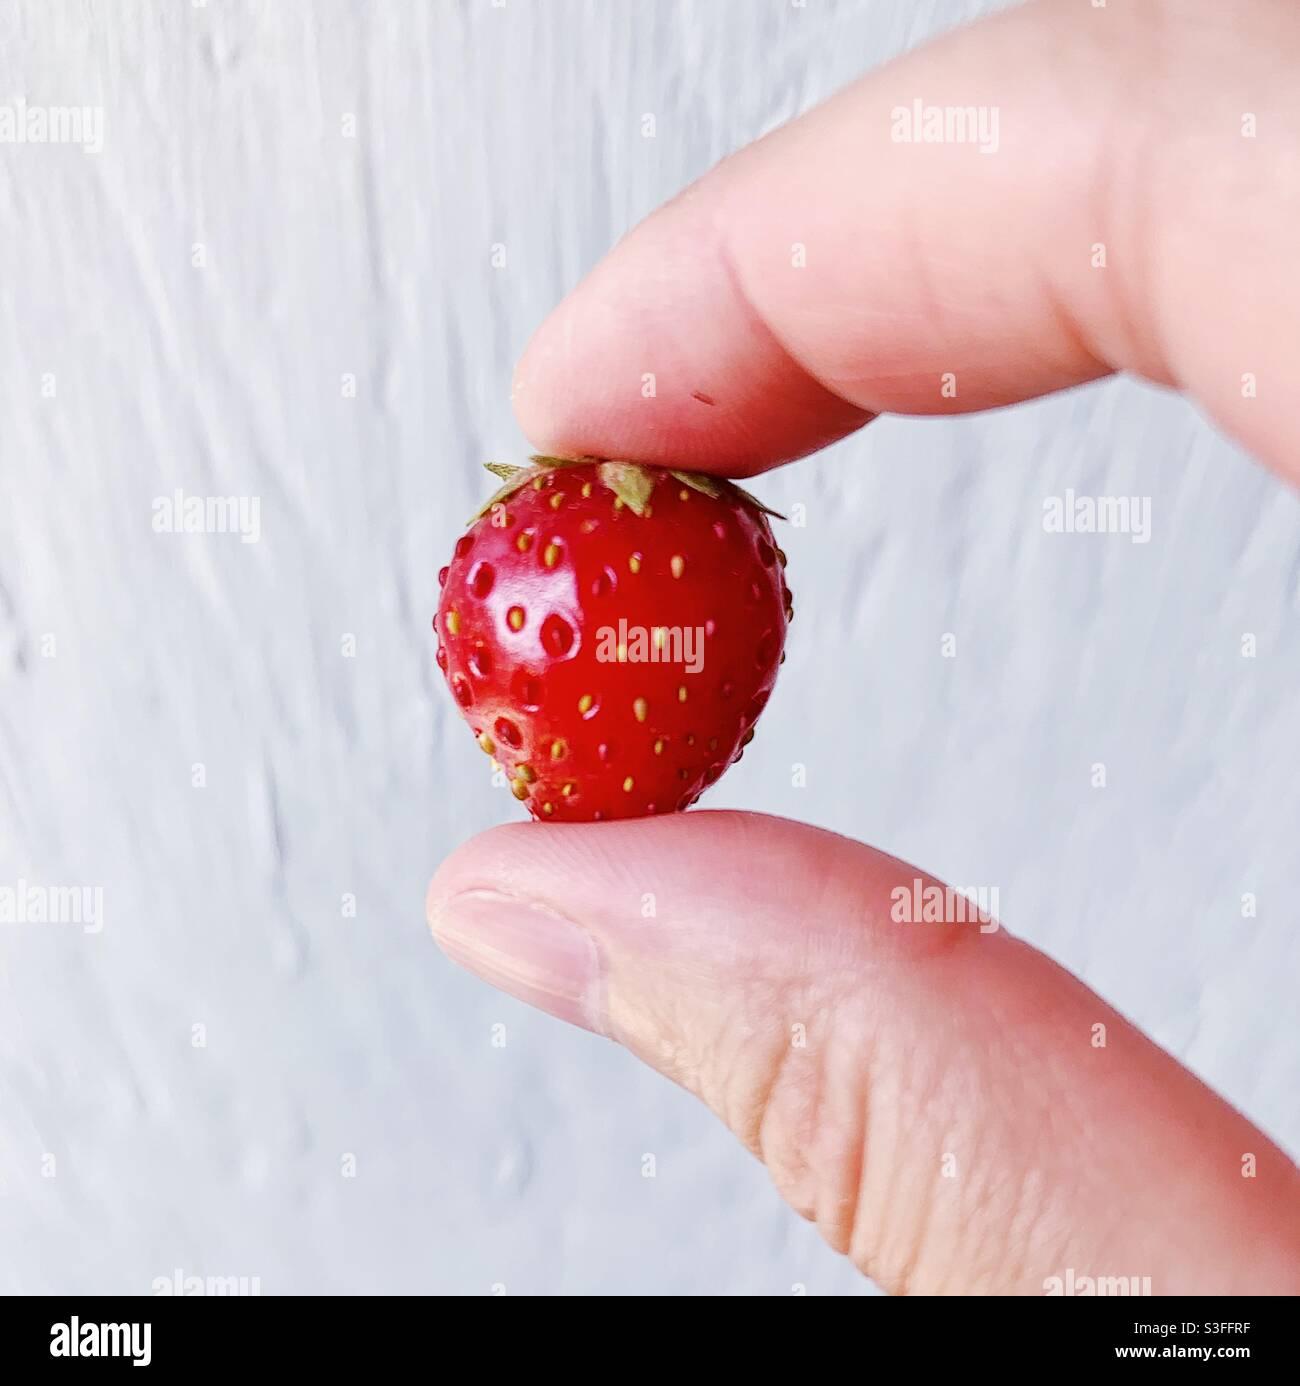 La più piccola, la più fresca, la più gustosa, la fragola del giardino Foto Stock